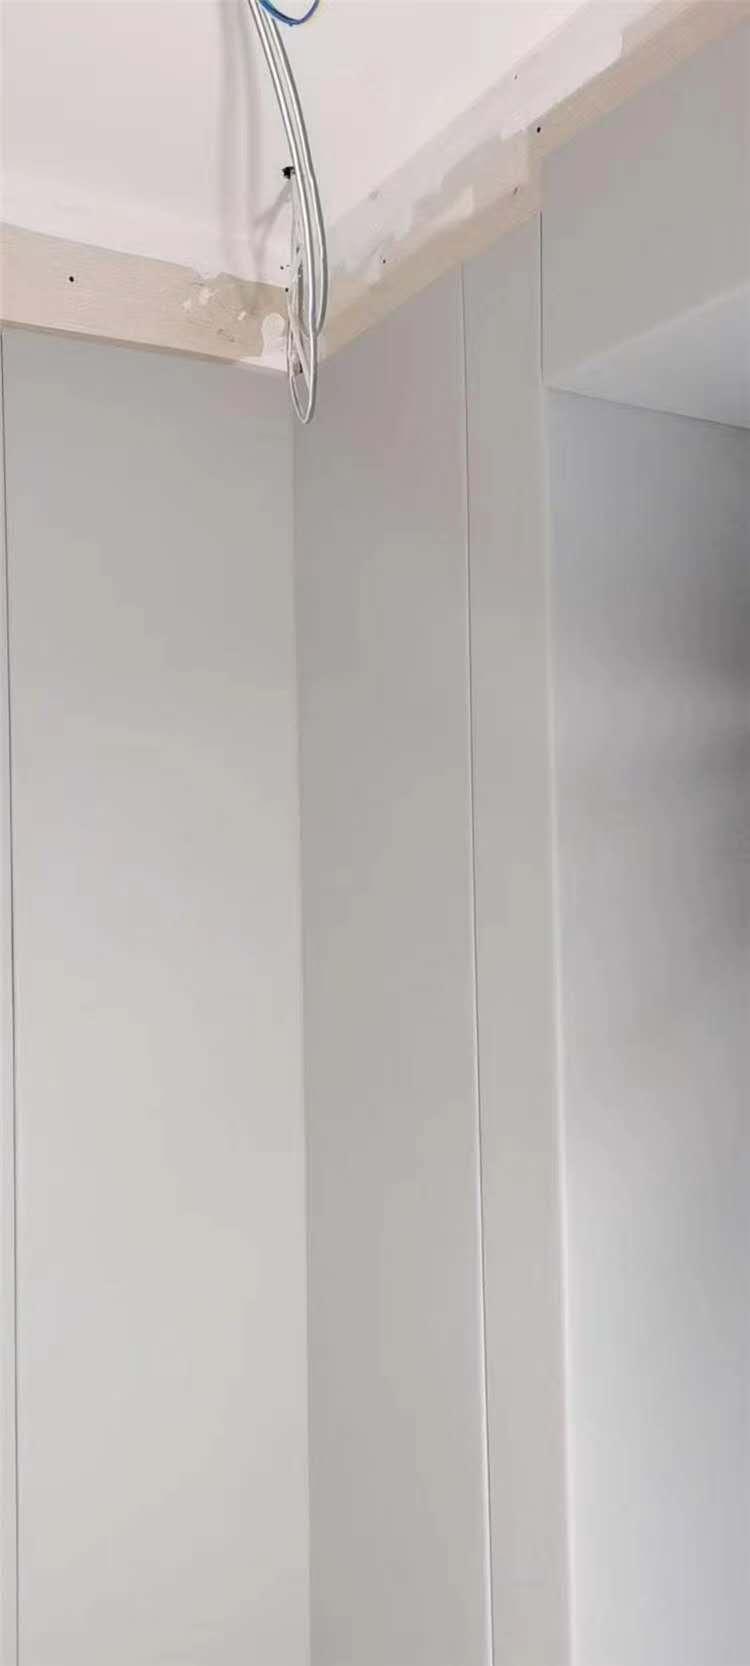 河北审讯室防撞软包 羁押室墙面软包 广东软包厂家